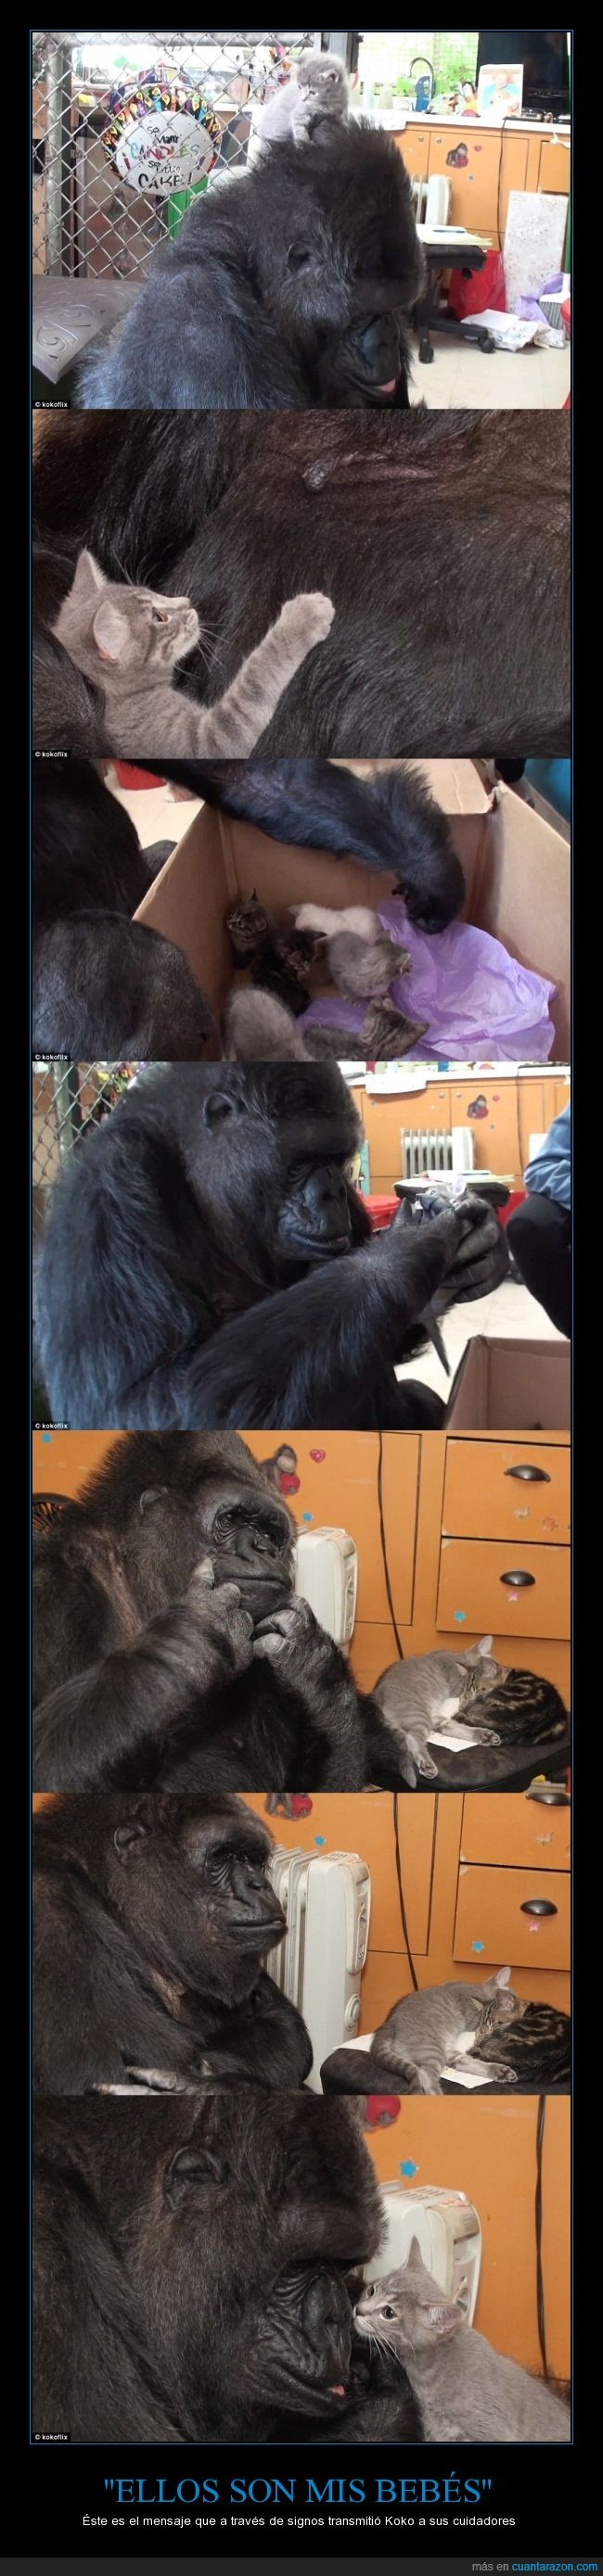 bebe,gato,gorila,hijos,Koko,madre,mensaje,transmitir